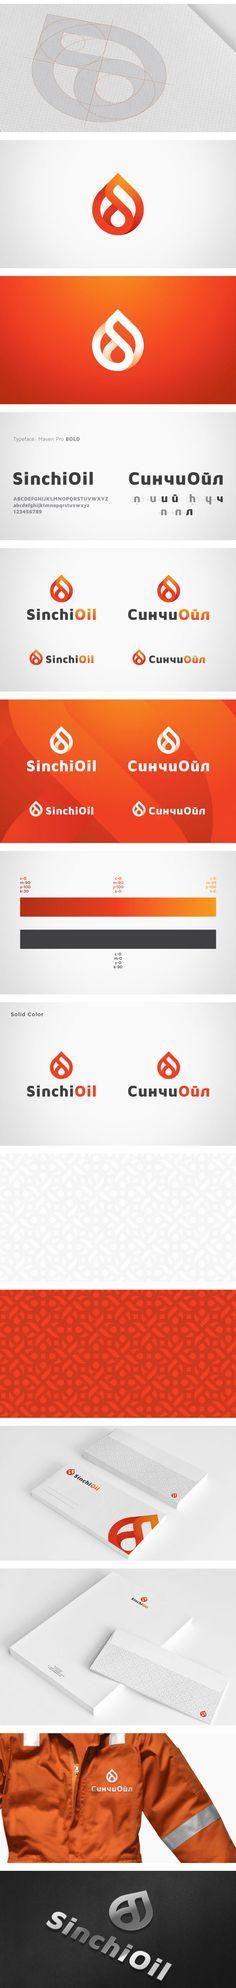 Genesi di un logo. Una manciata di immagini per spiegare come nasce un'identità aziendale | Creativity@Work – Elena Veronesi Blog